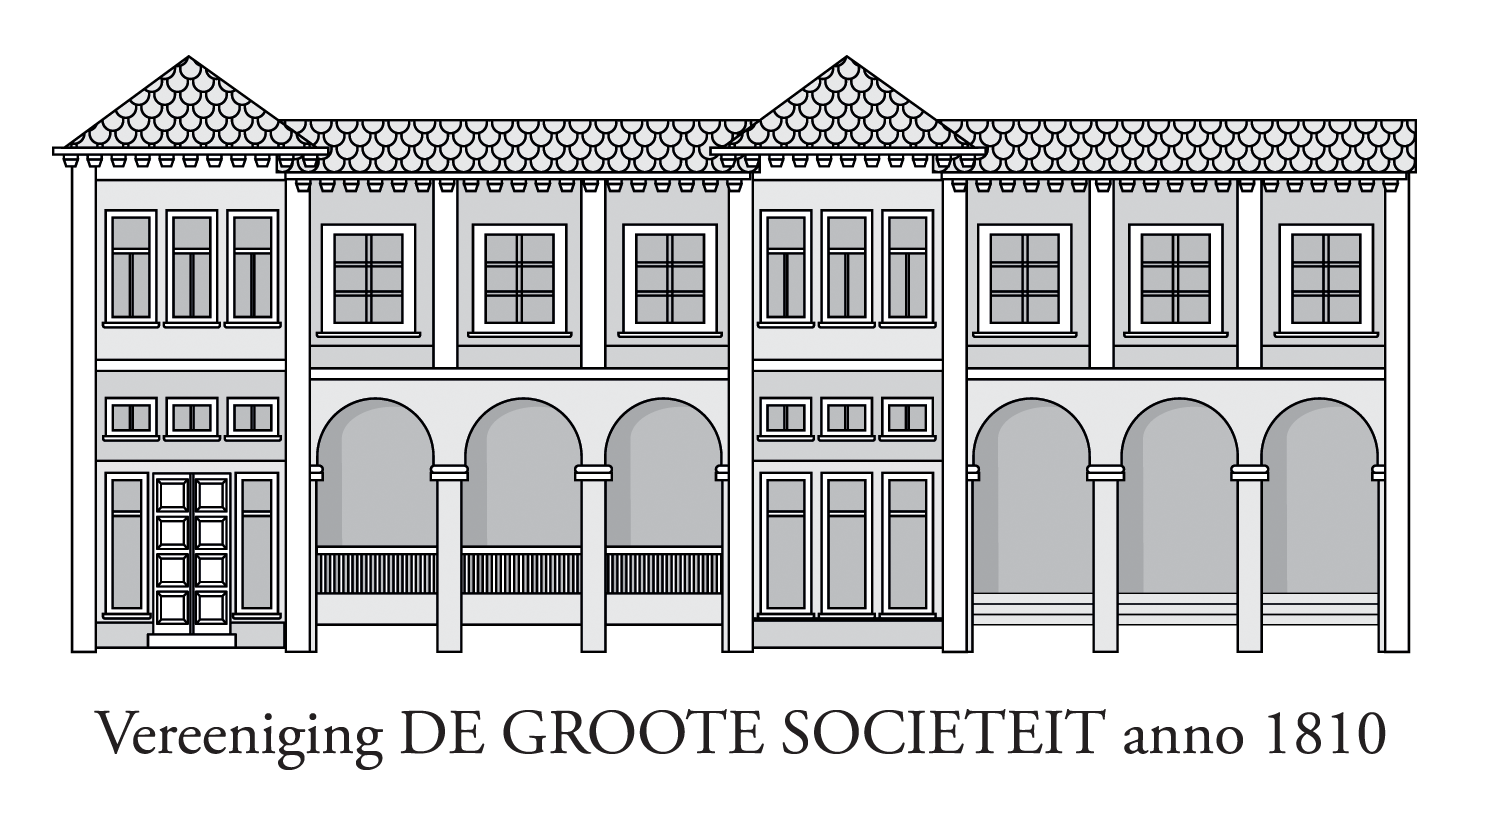 De Groote Sociëteit anno 1810